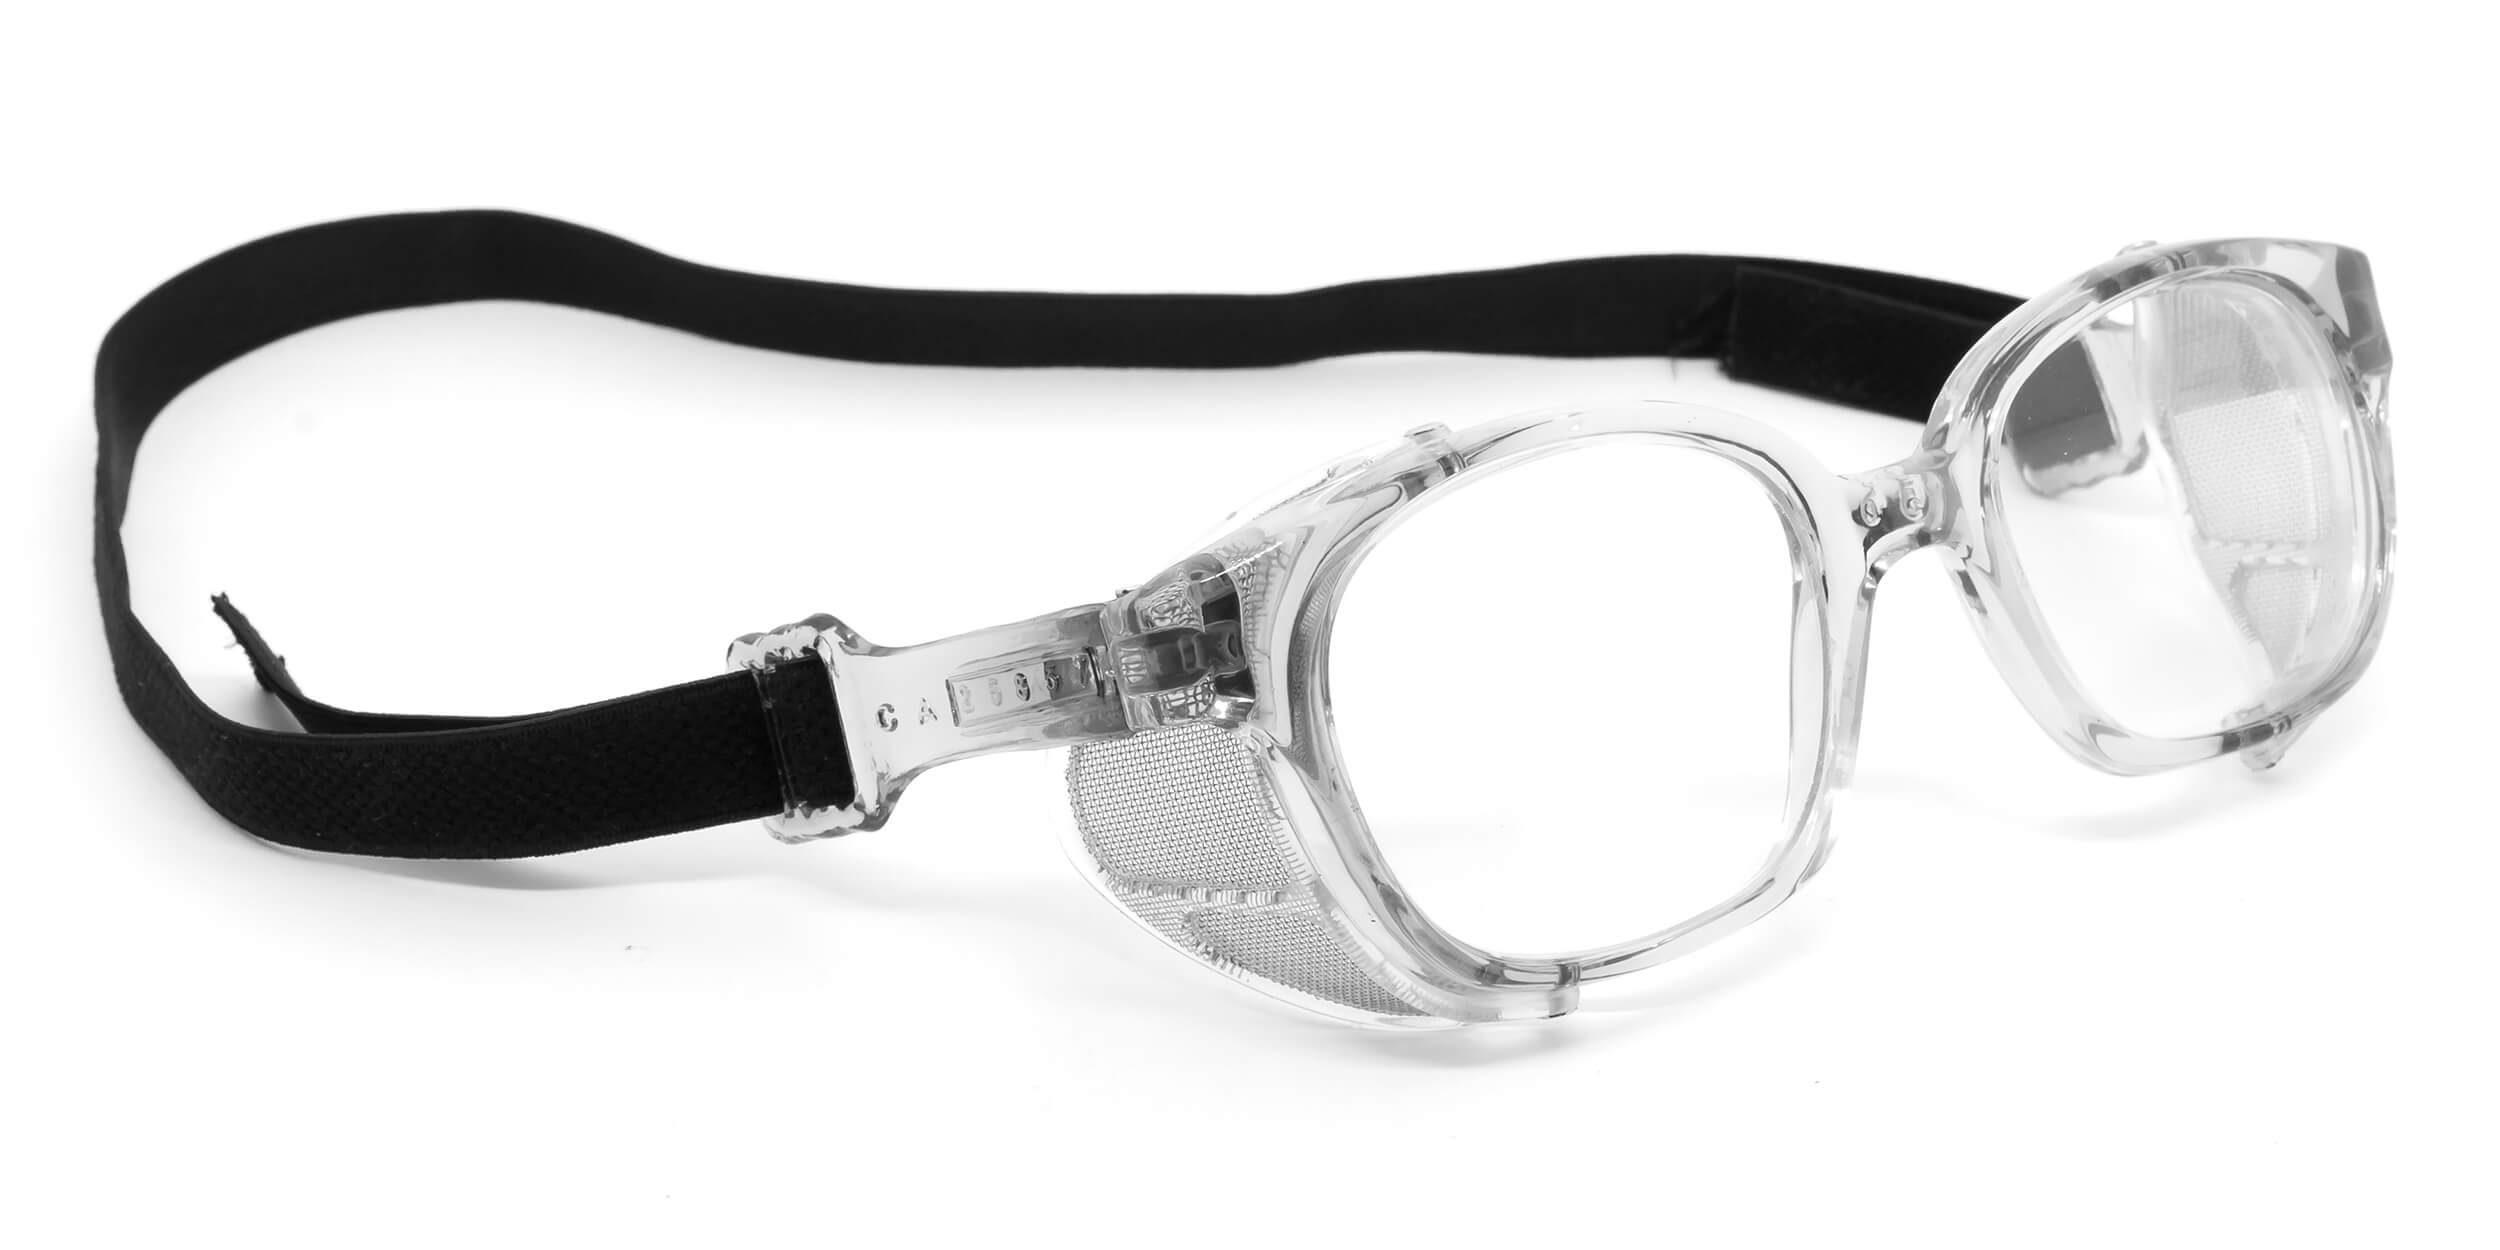 Óculos com proteção lateral móvel, tela metálica e meia haste com elástico. 8b34bca00e